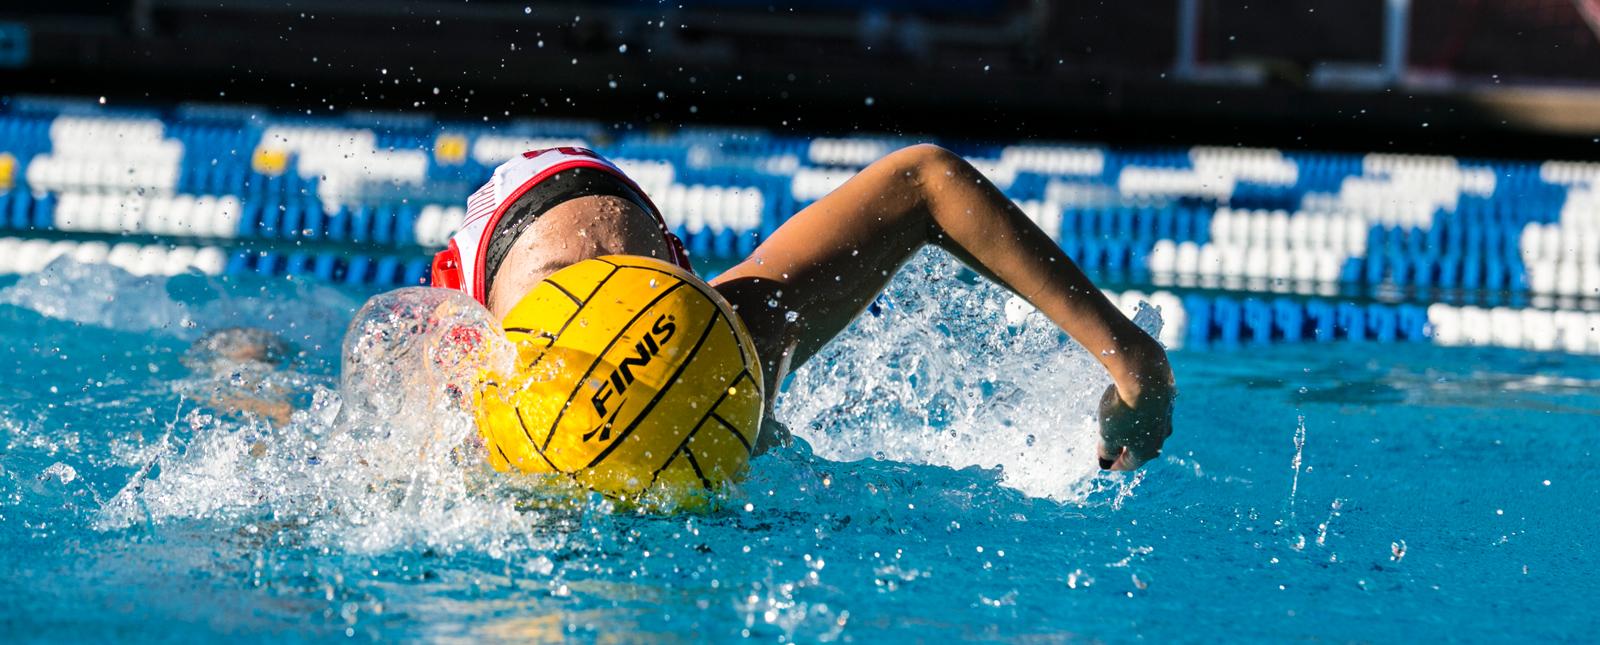 Wasserballkurse für Kinder und Jugendliche